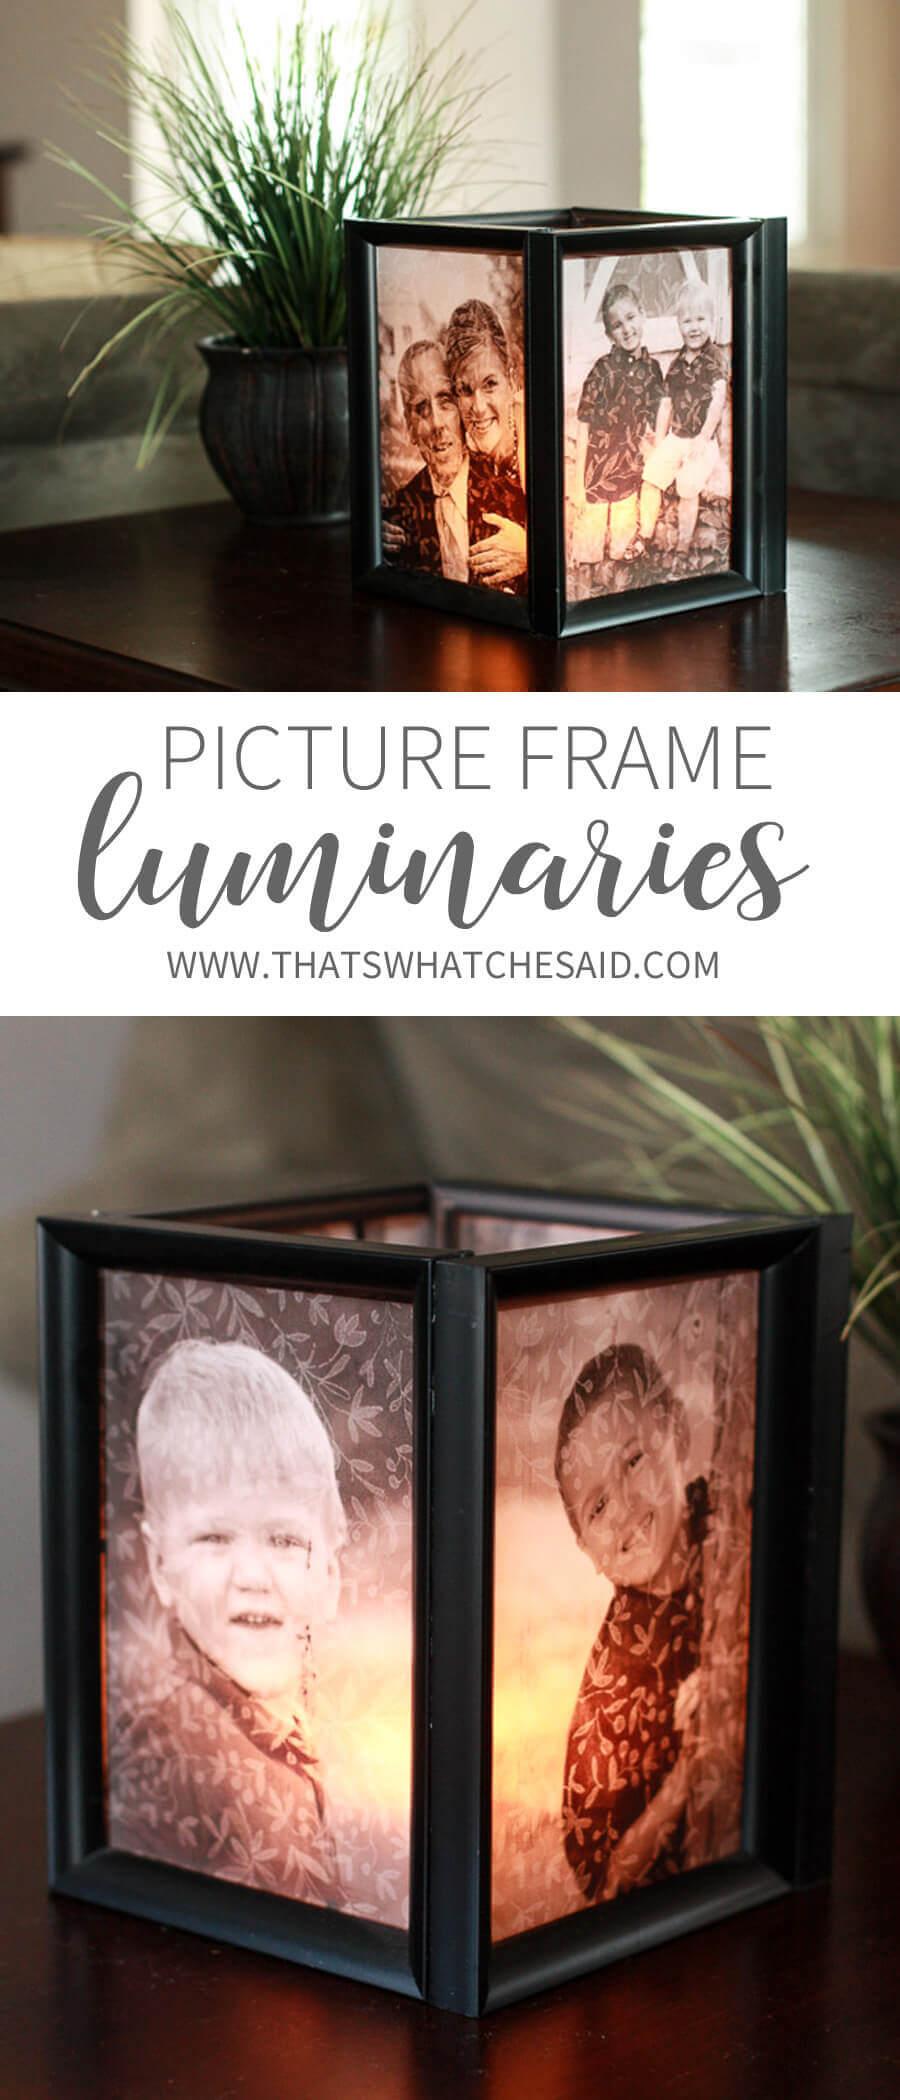 Backlit Picture Frame Cube Candleholder